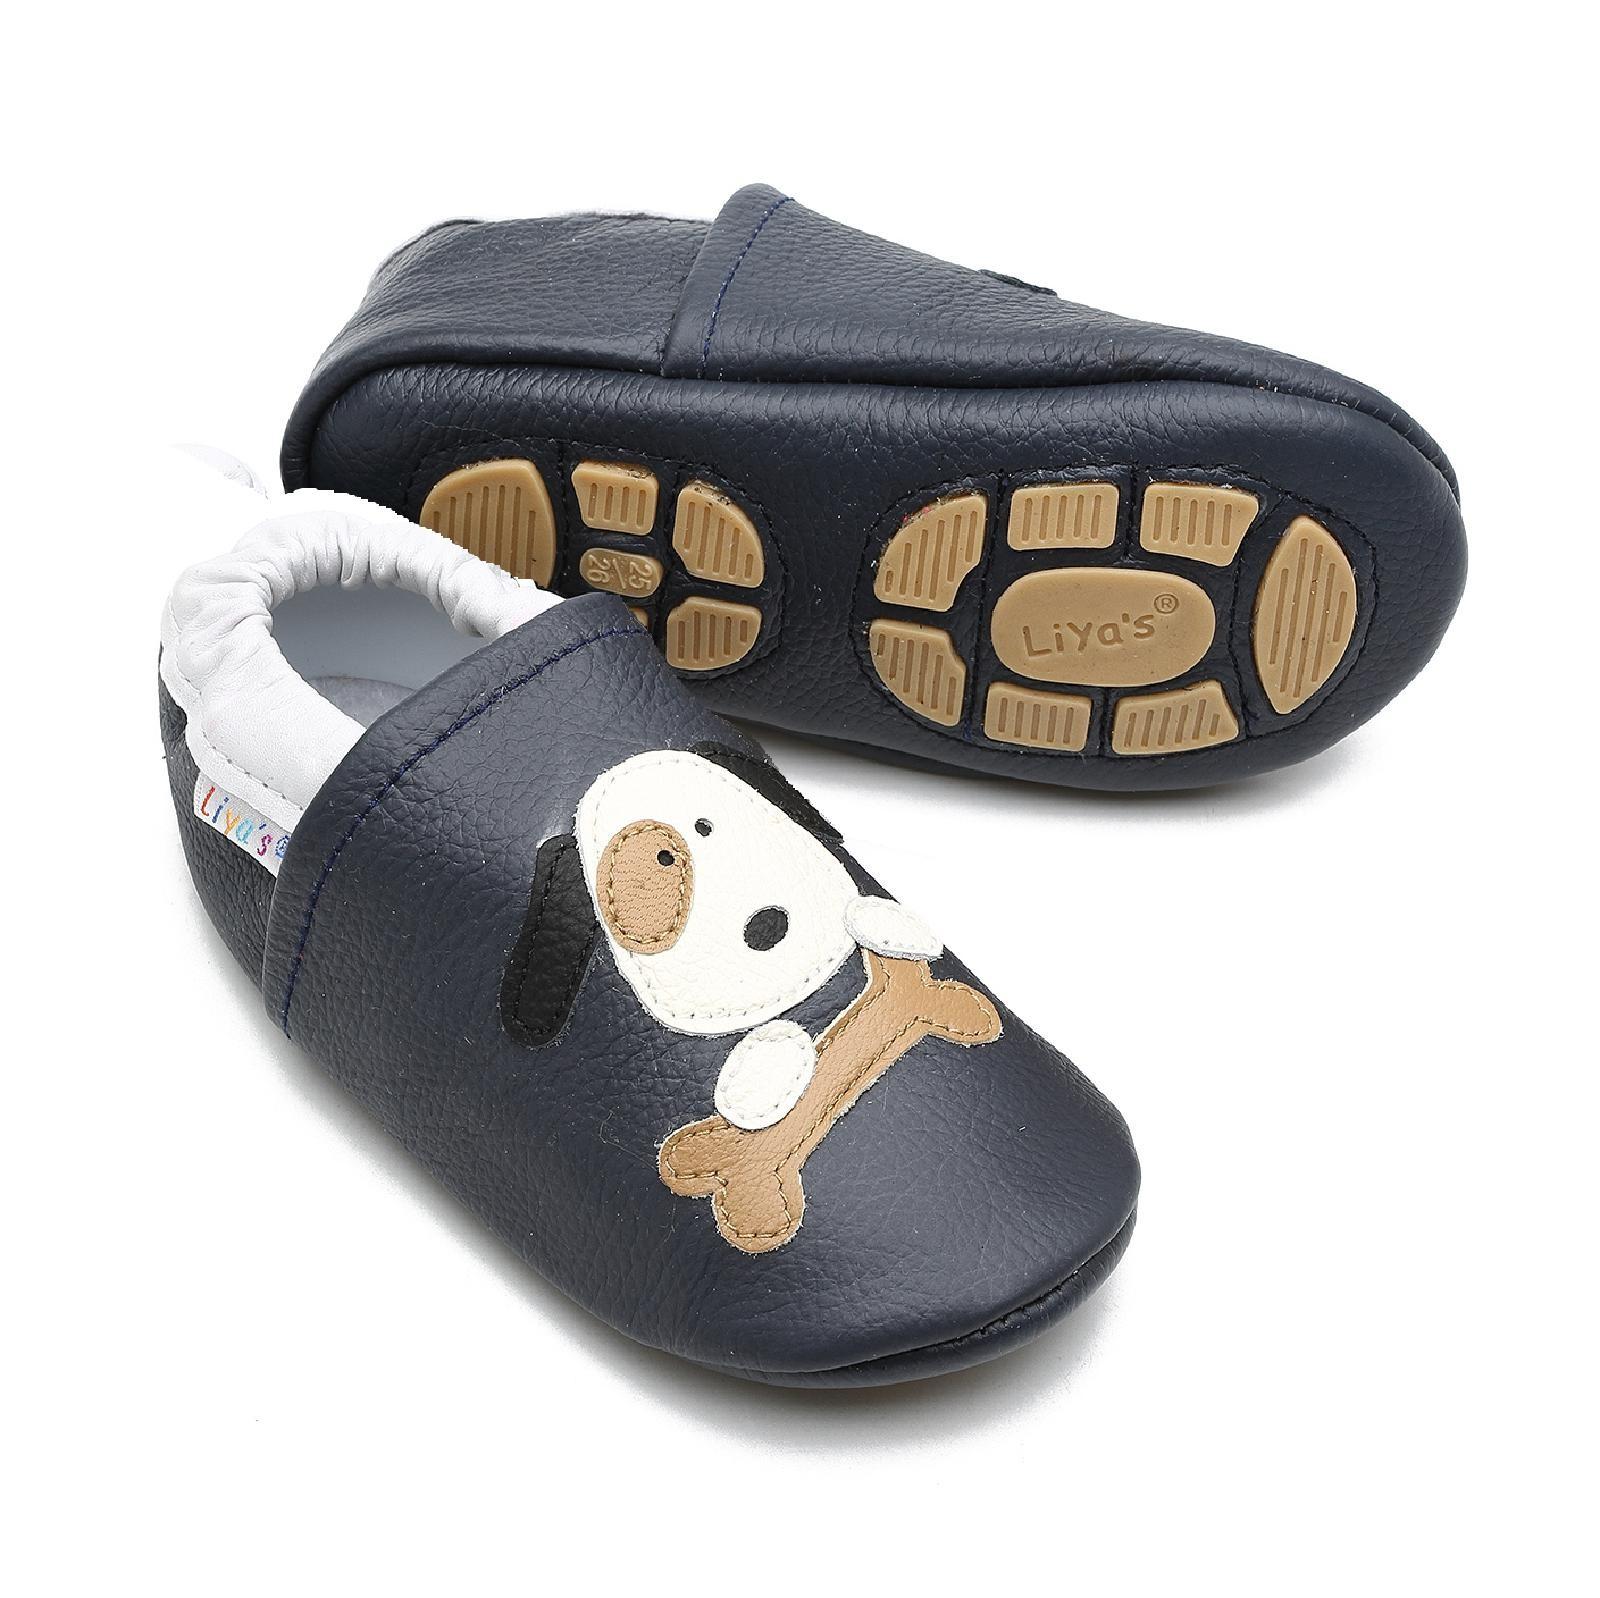 Liya's Hausschuhe Lederpuschen mit Teilgummisohle - #646 Hund in dunkelblau